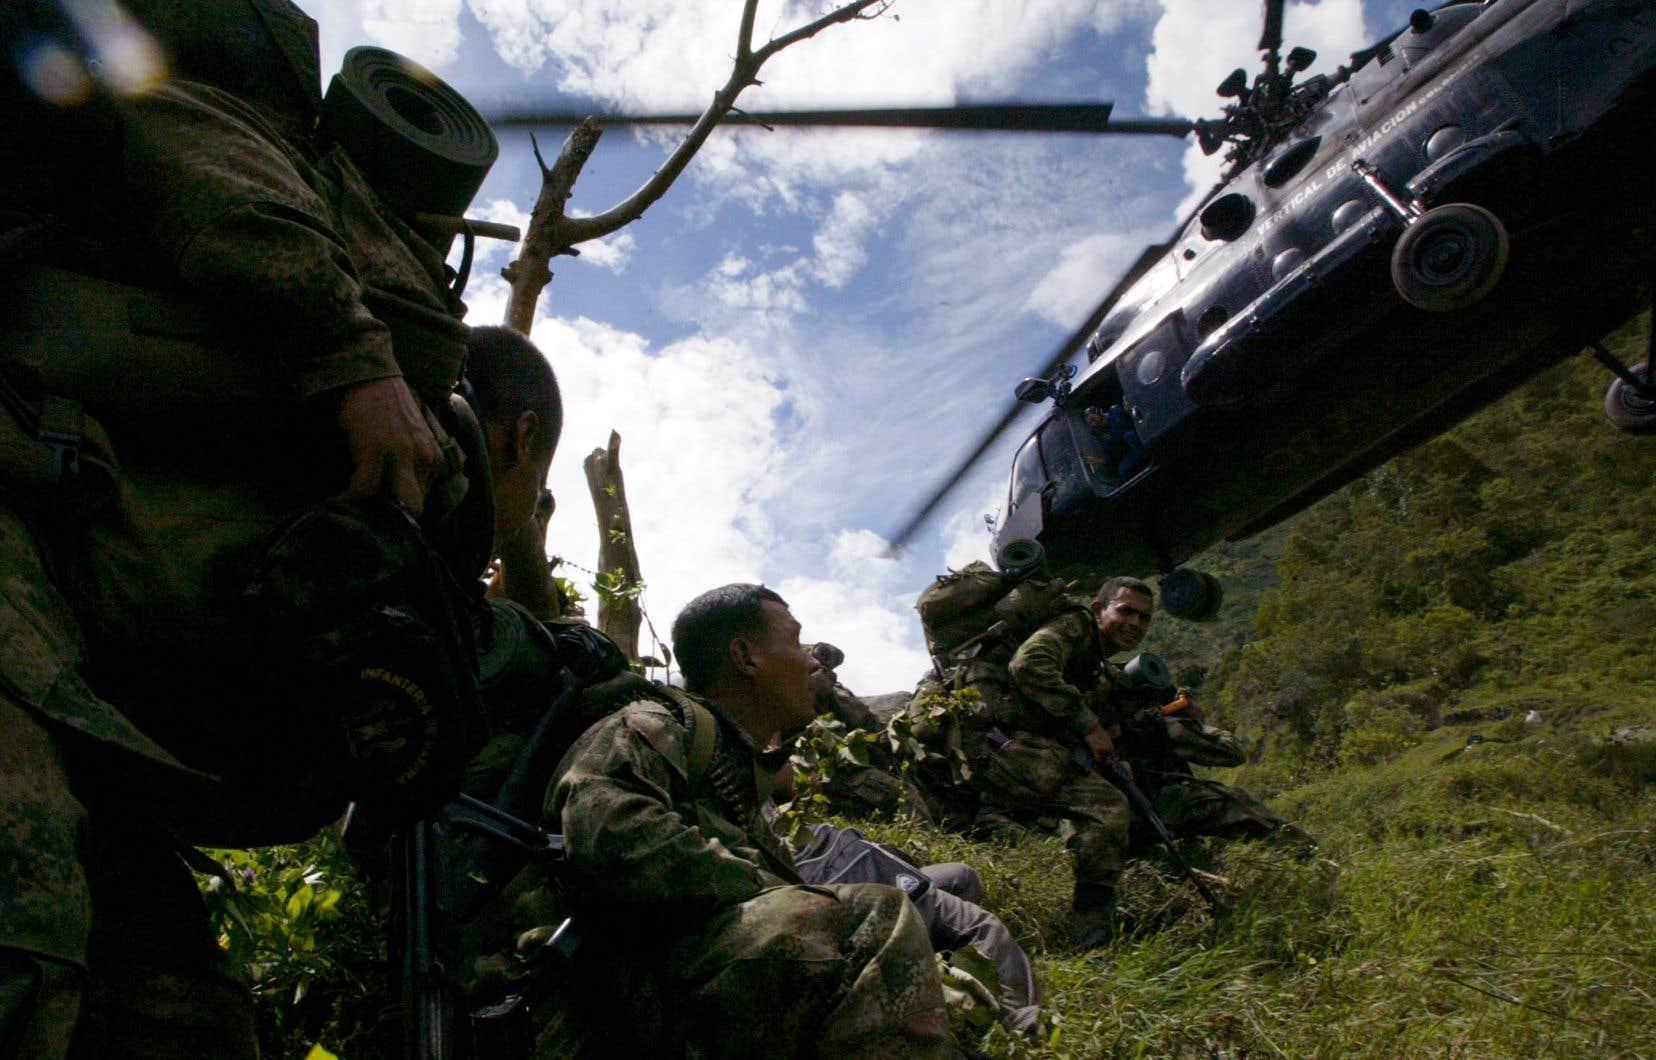 La région étudiée par le chercheur est touchée depuis longtemps par des conflits armés